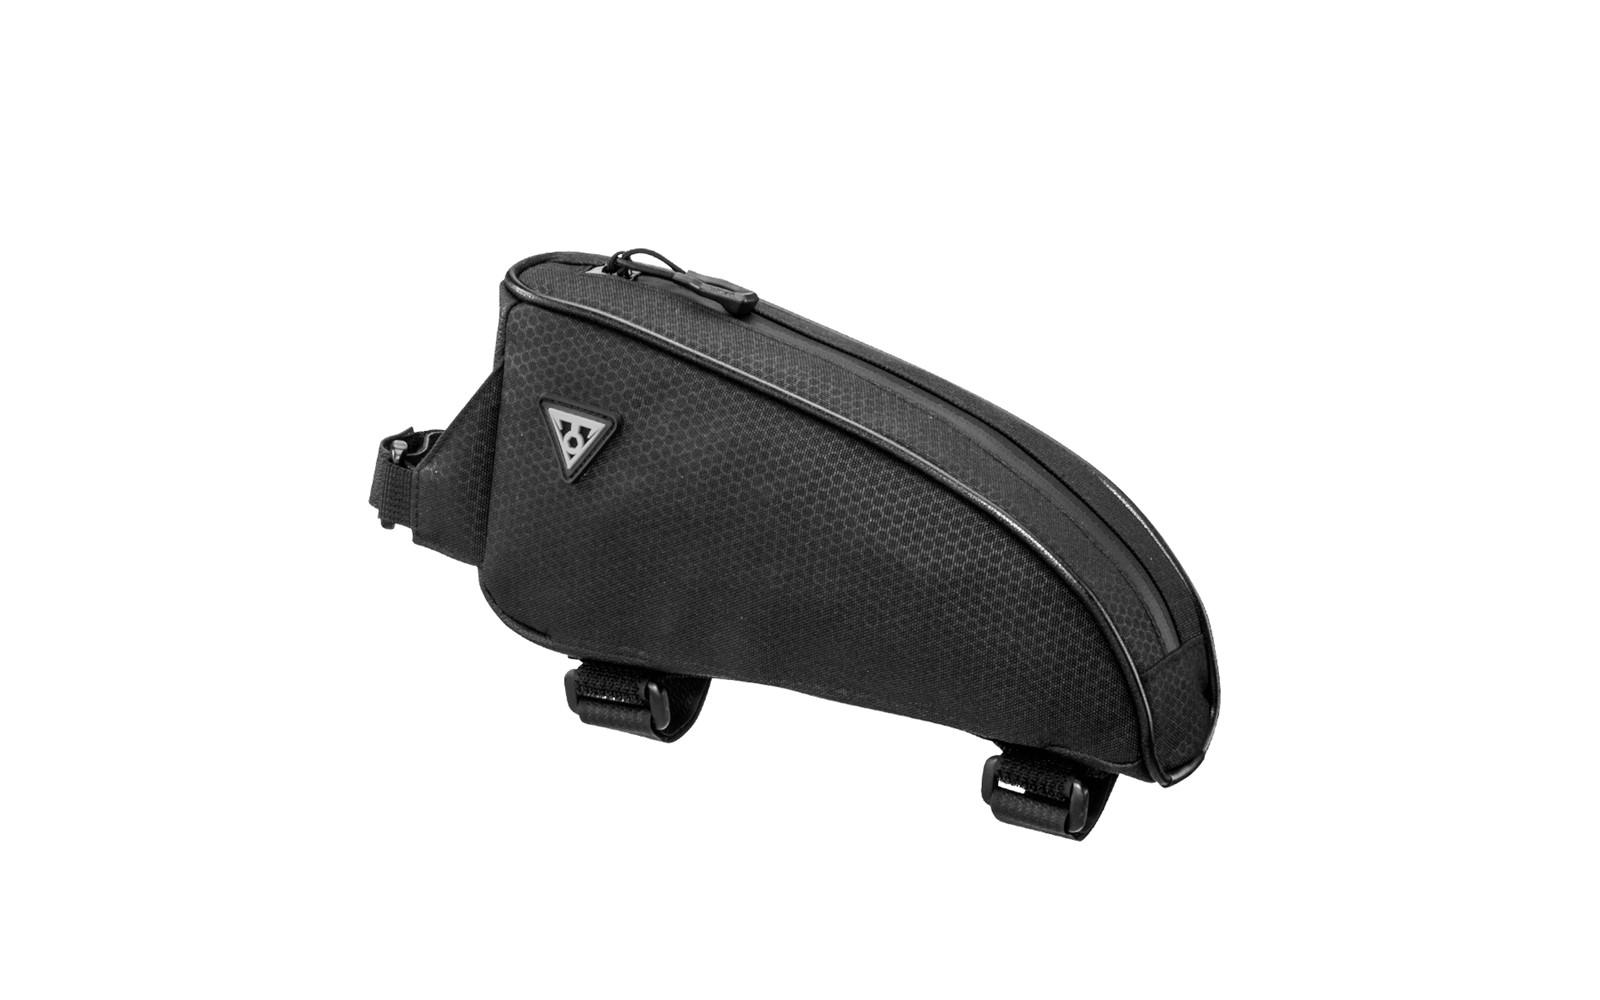 Велосумка на раму Topeak TopLoader чёрная за 899900 руб.